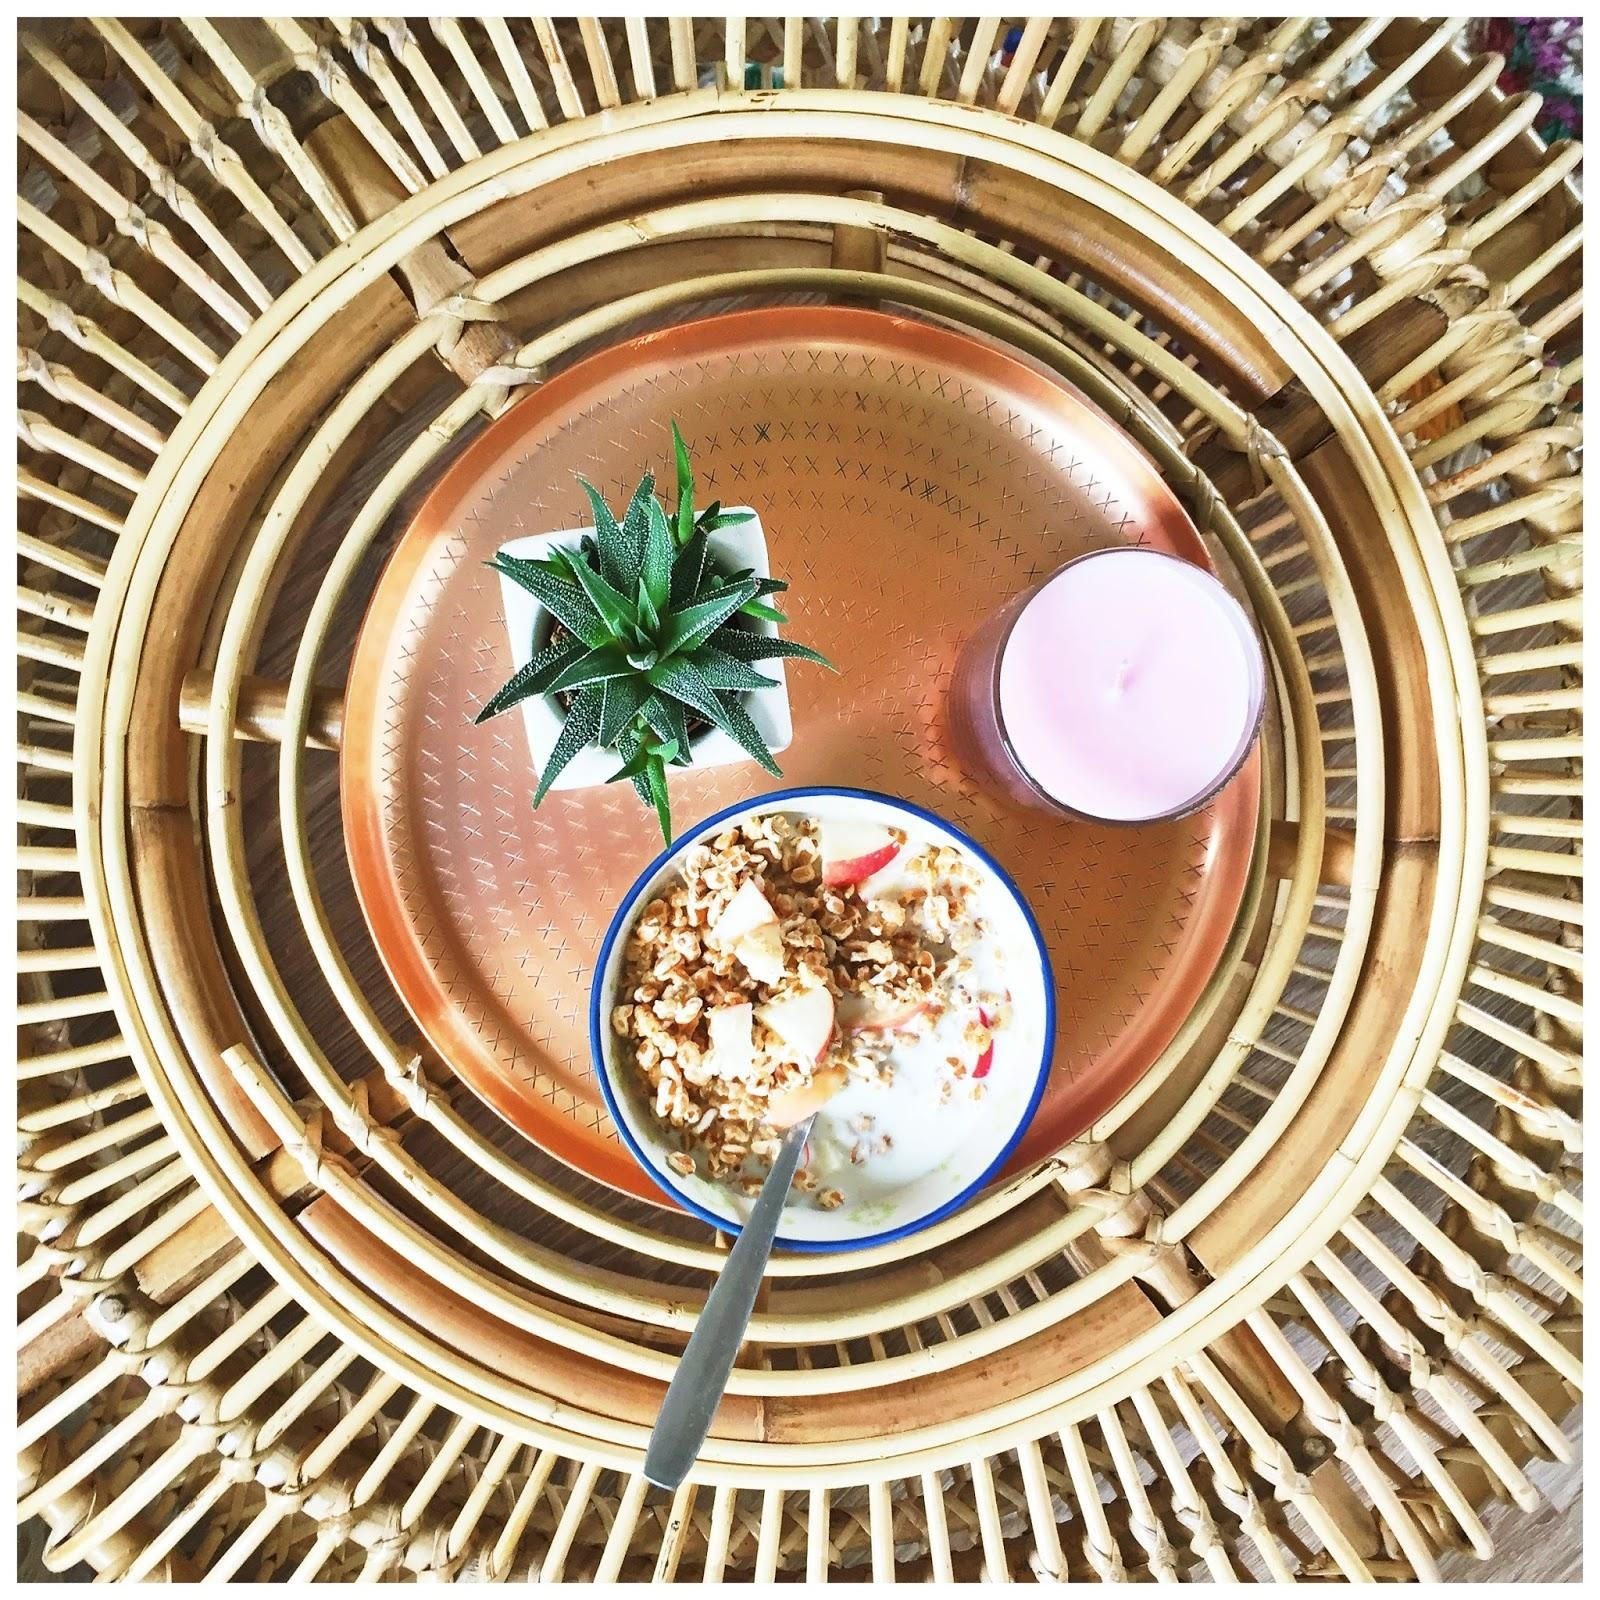 Großartig Guten Morgen Frühstück Galerie Von Morgen! Kleines Frühstück Auf Meinem #couchtisch. Oh